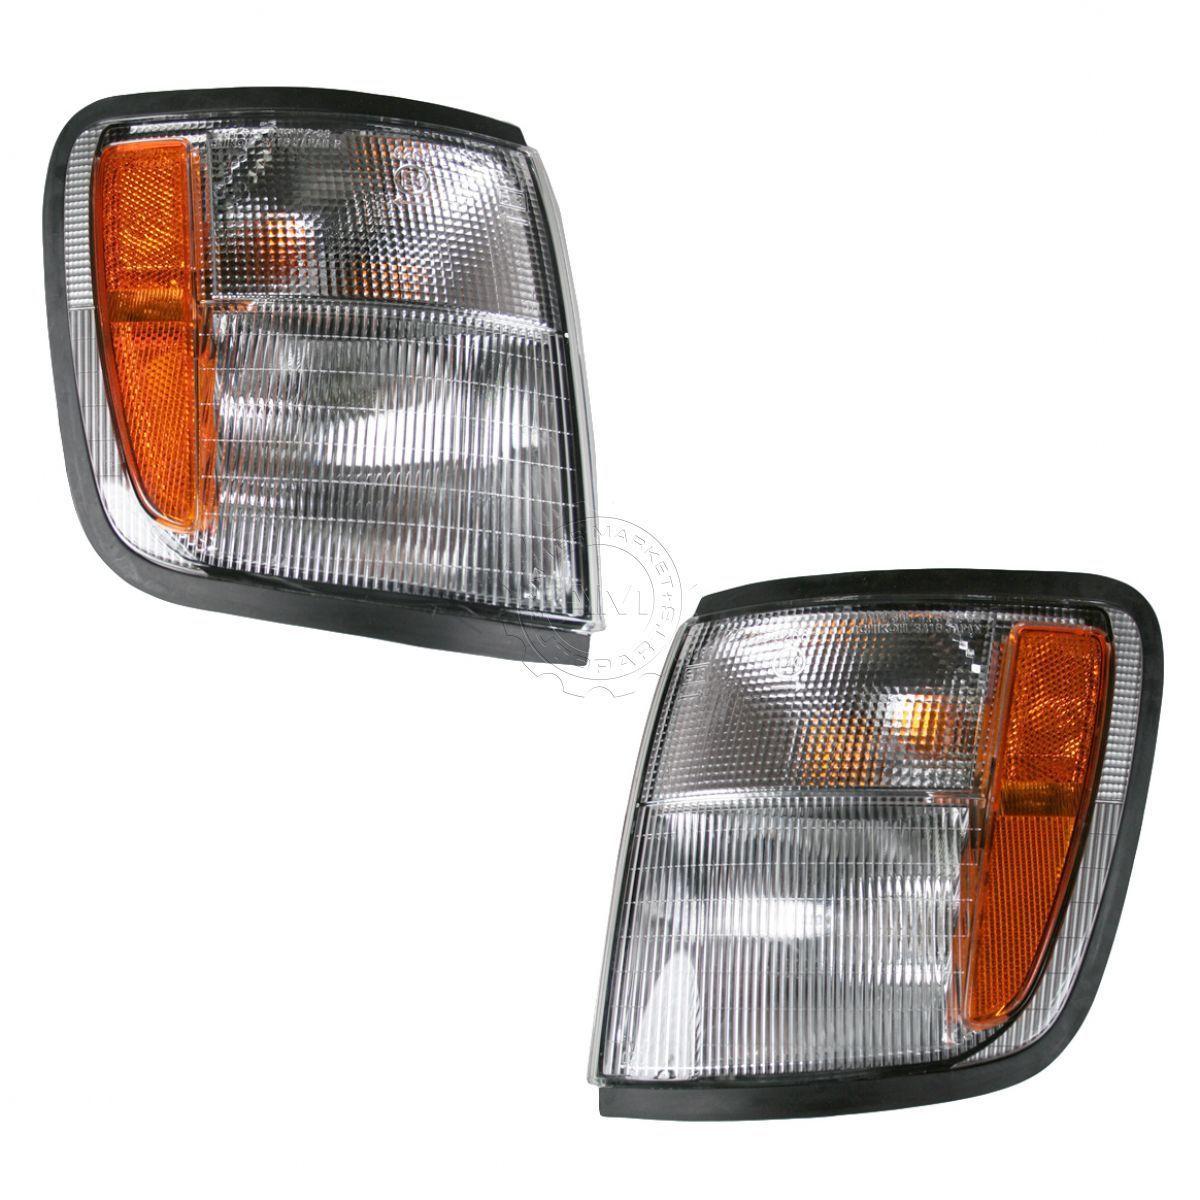 コーナーライト Turn Signal Light Pair for 98-99 Acura SLX 98-2002 Trooper 98-99 Acura SLX 98-2002トルーパー用信号灯ペア